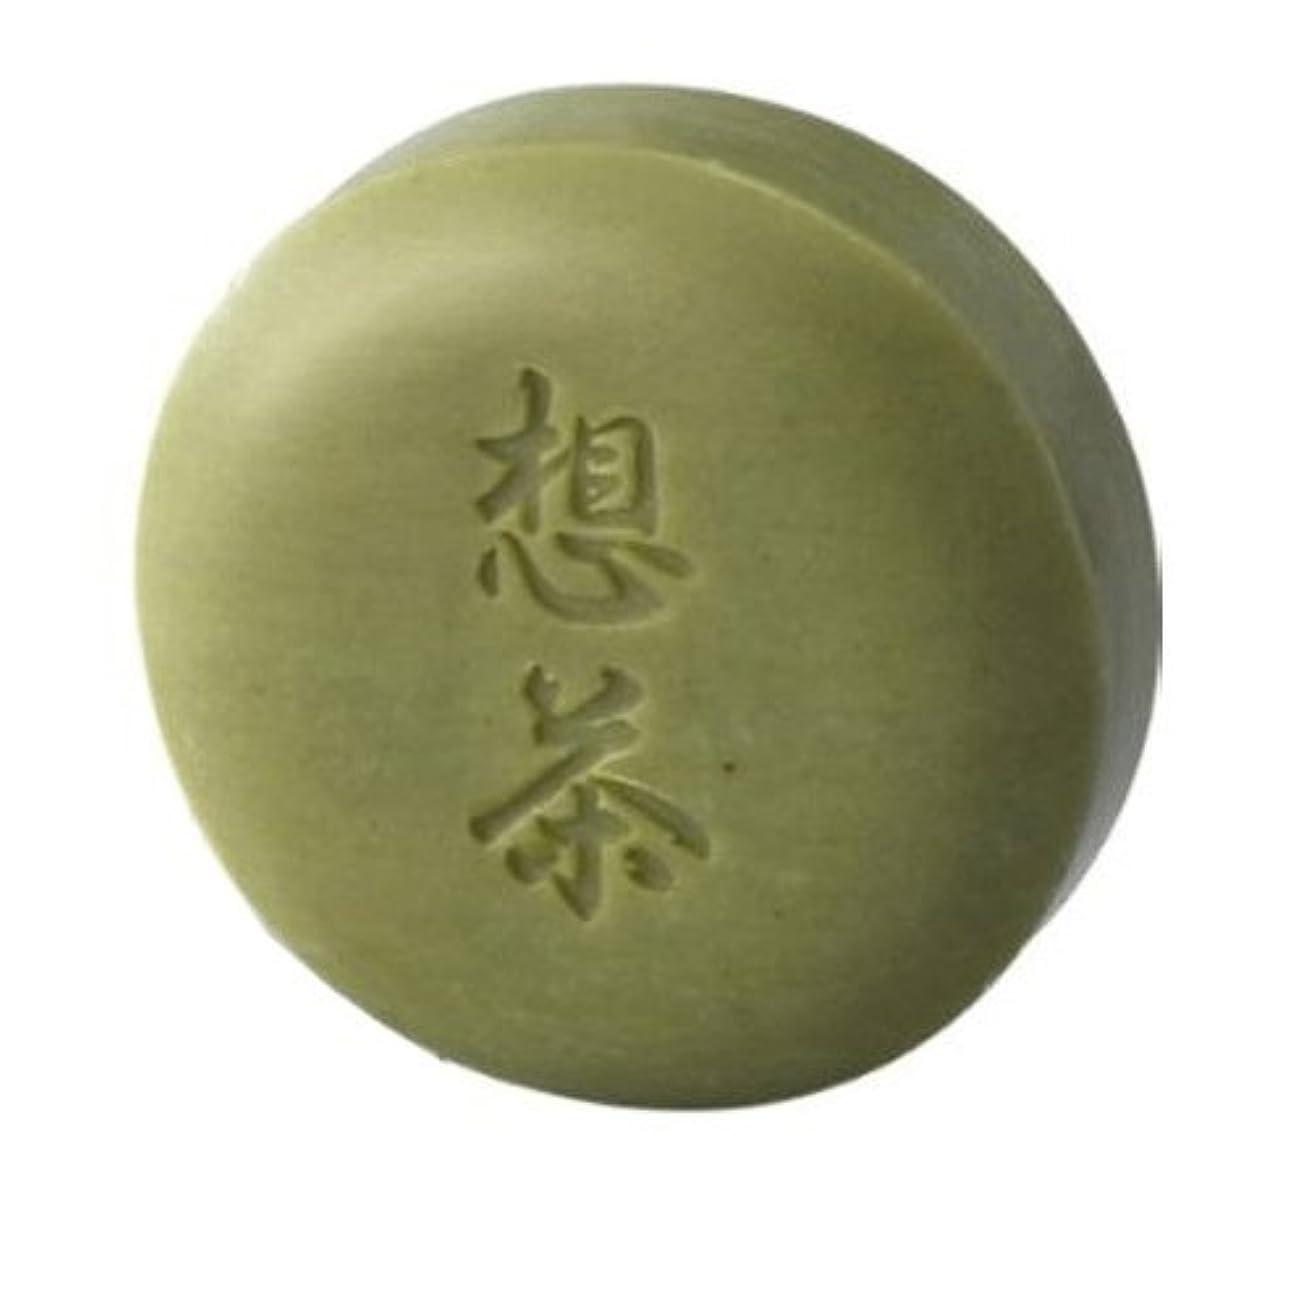 誰の天皇腹部お茶屋さんが作った 想茶石鹸【10個組】